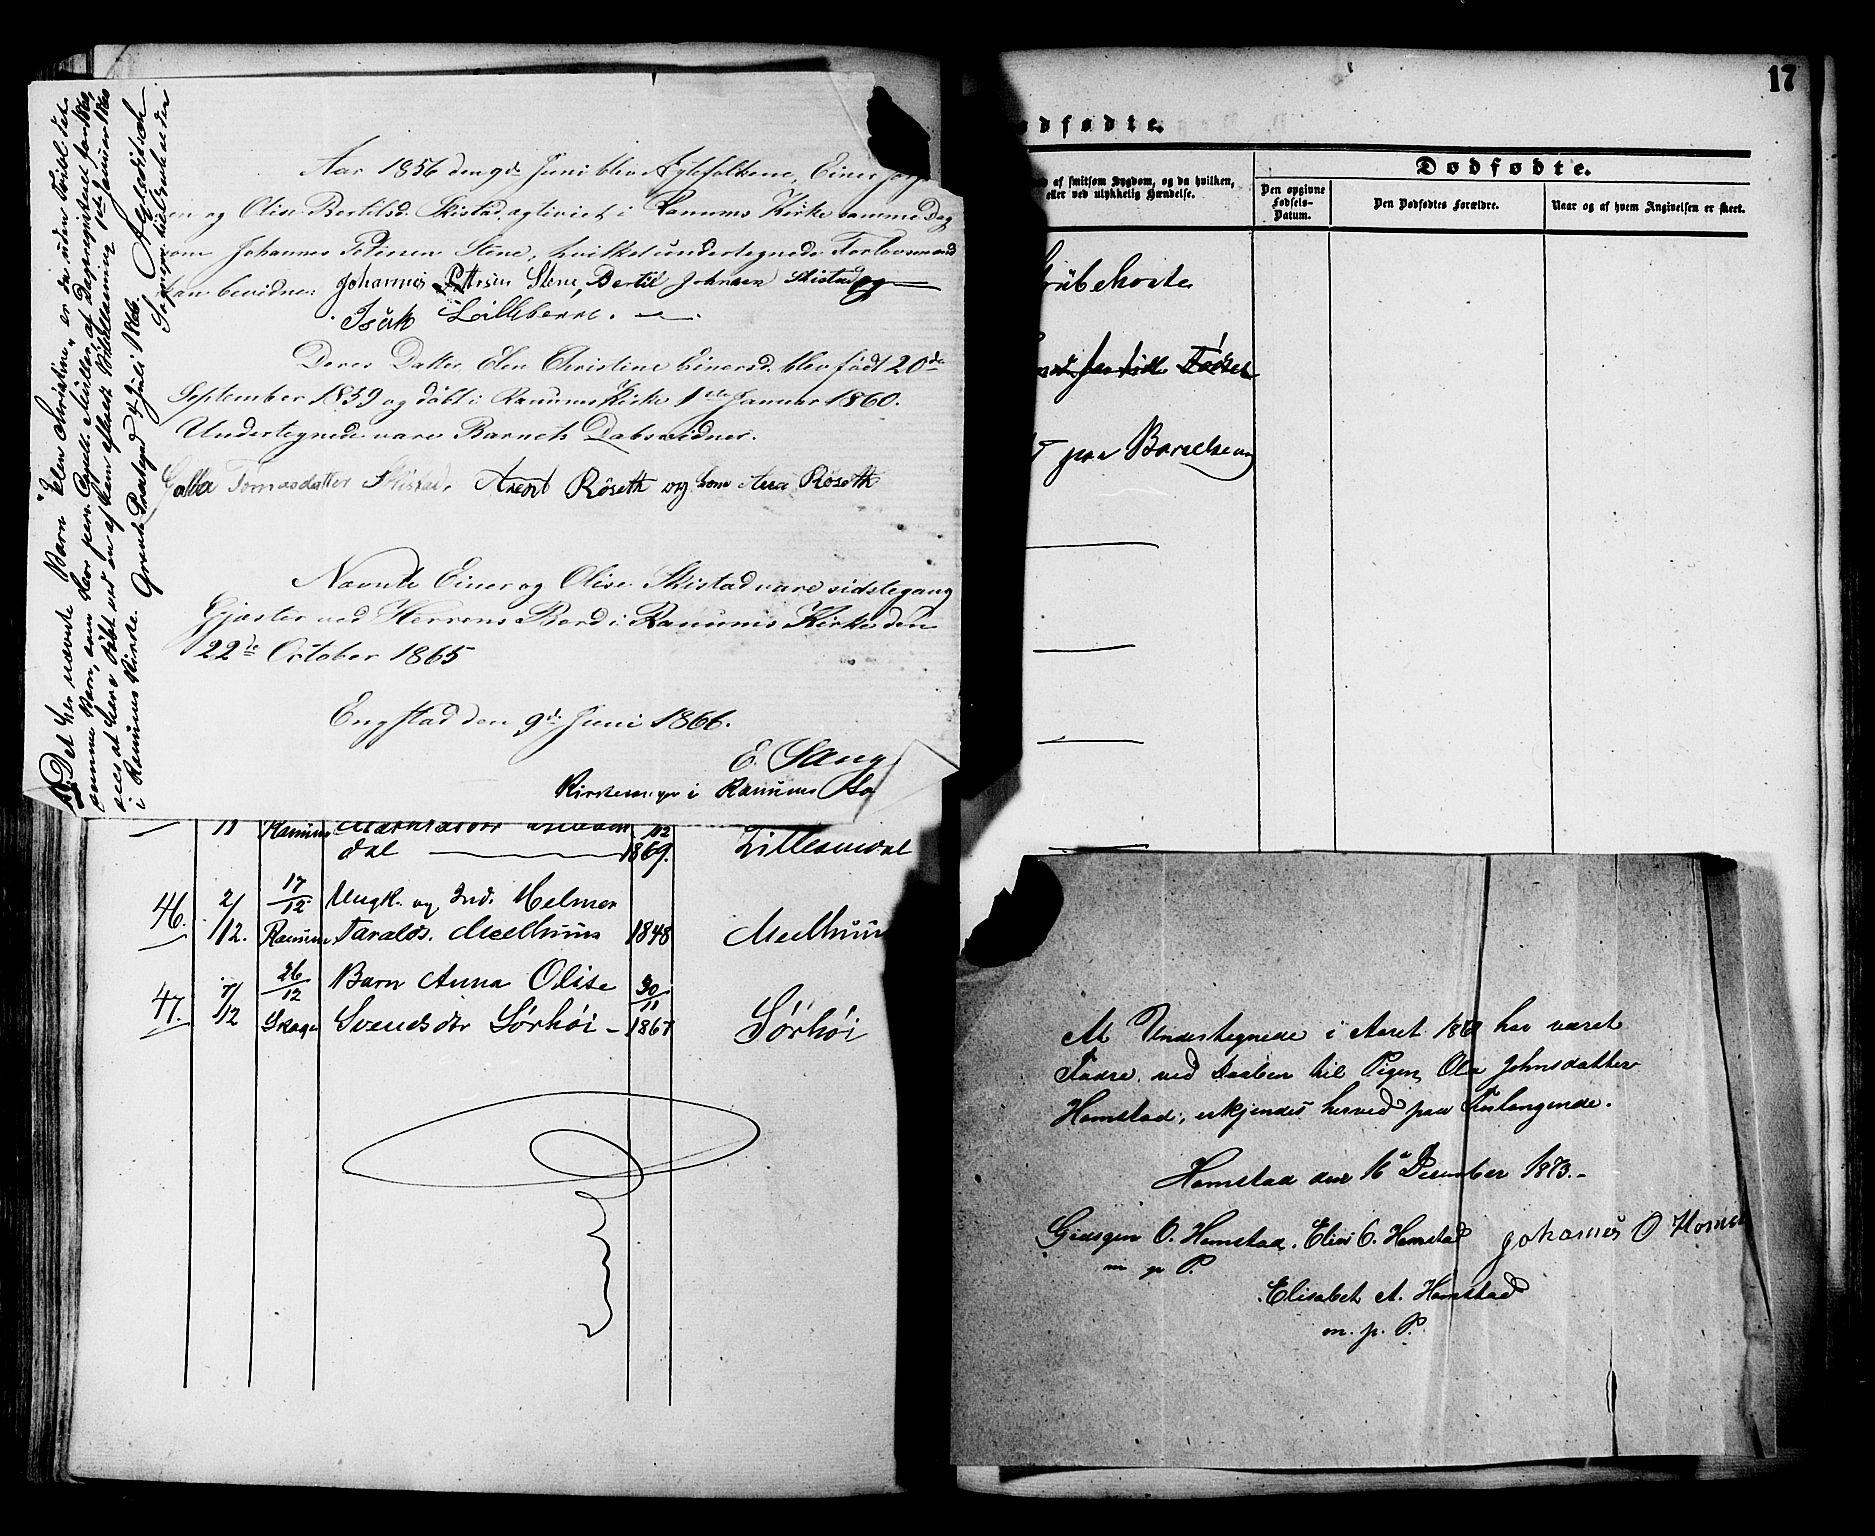 SAT, Ministerialprotokoller, klokkerbøker og fødselsregistre - Nord-Trøndelag, 764/L0553: Ministerialbok nr. 764A08, 1858-1880, s. 17